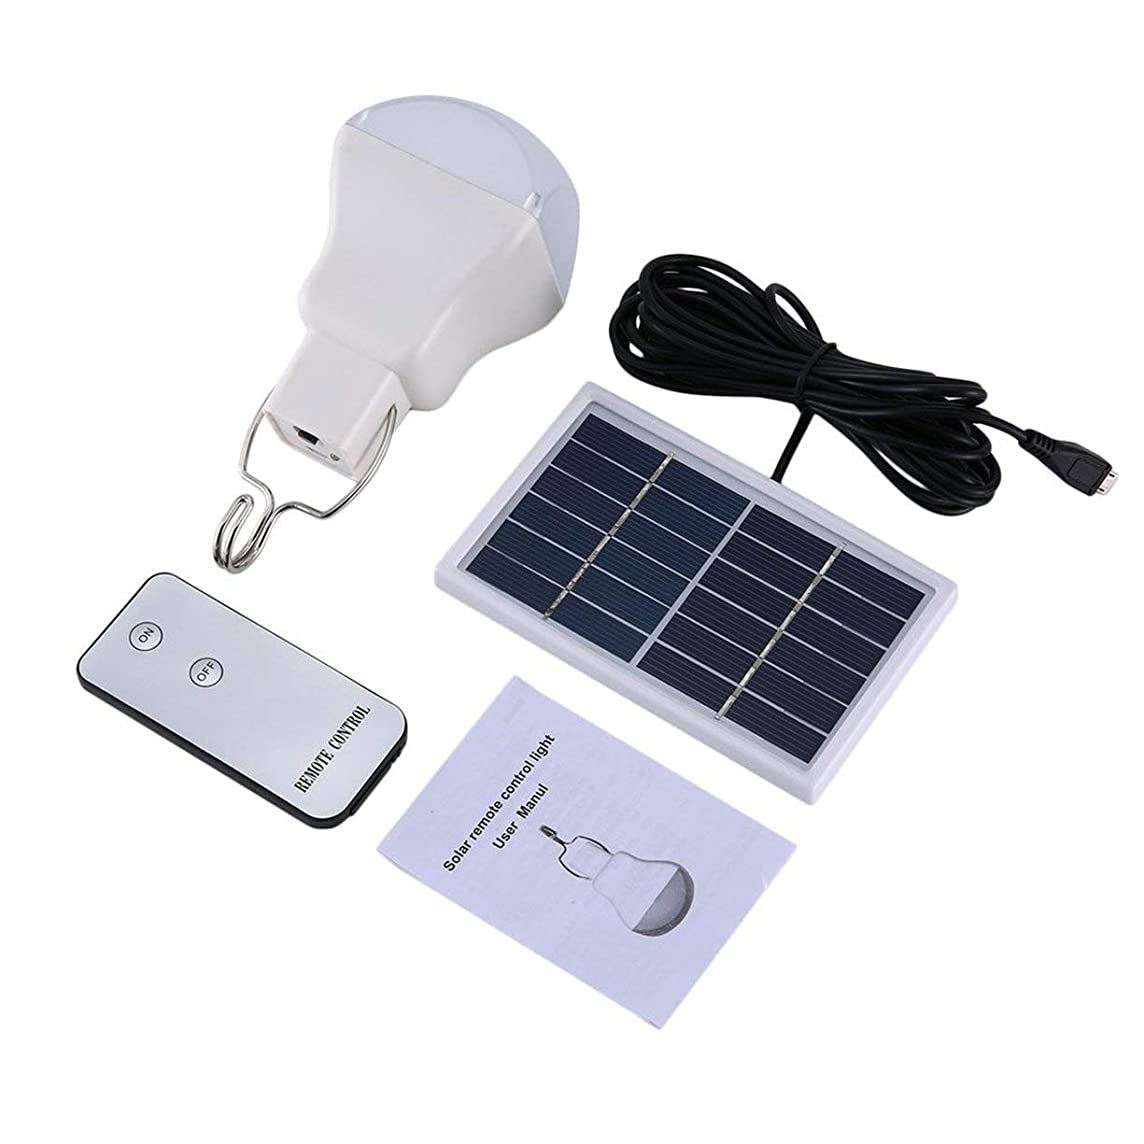 微妙調整橋脚高品質ソーラーライト屋外屋内ソーラー電球ホーム緊急照明道路街路灯-ホワイト